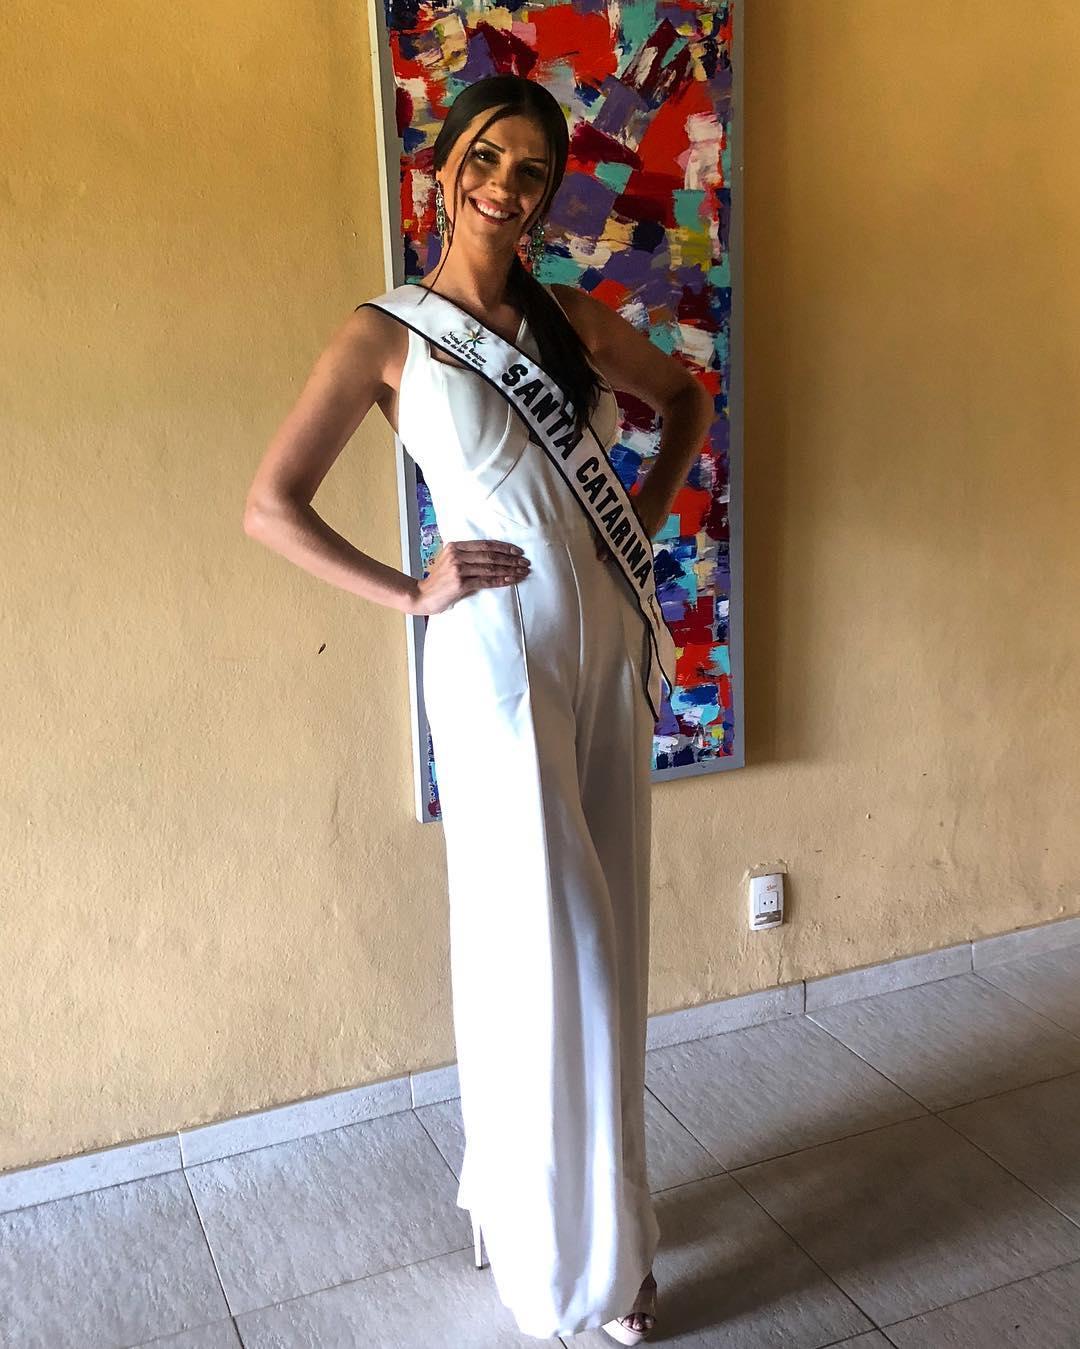 thylara brenner, miss brasil continentes unidos 2019. - Página 3 37927410